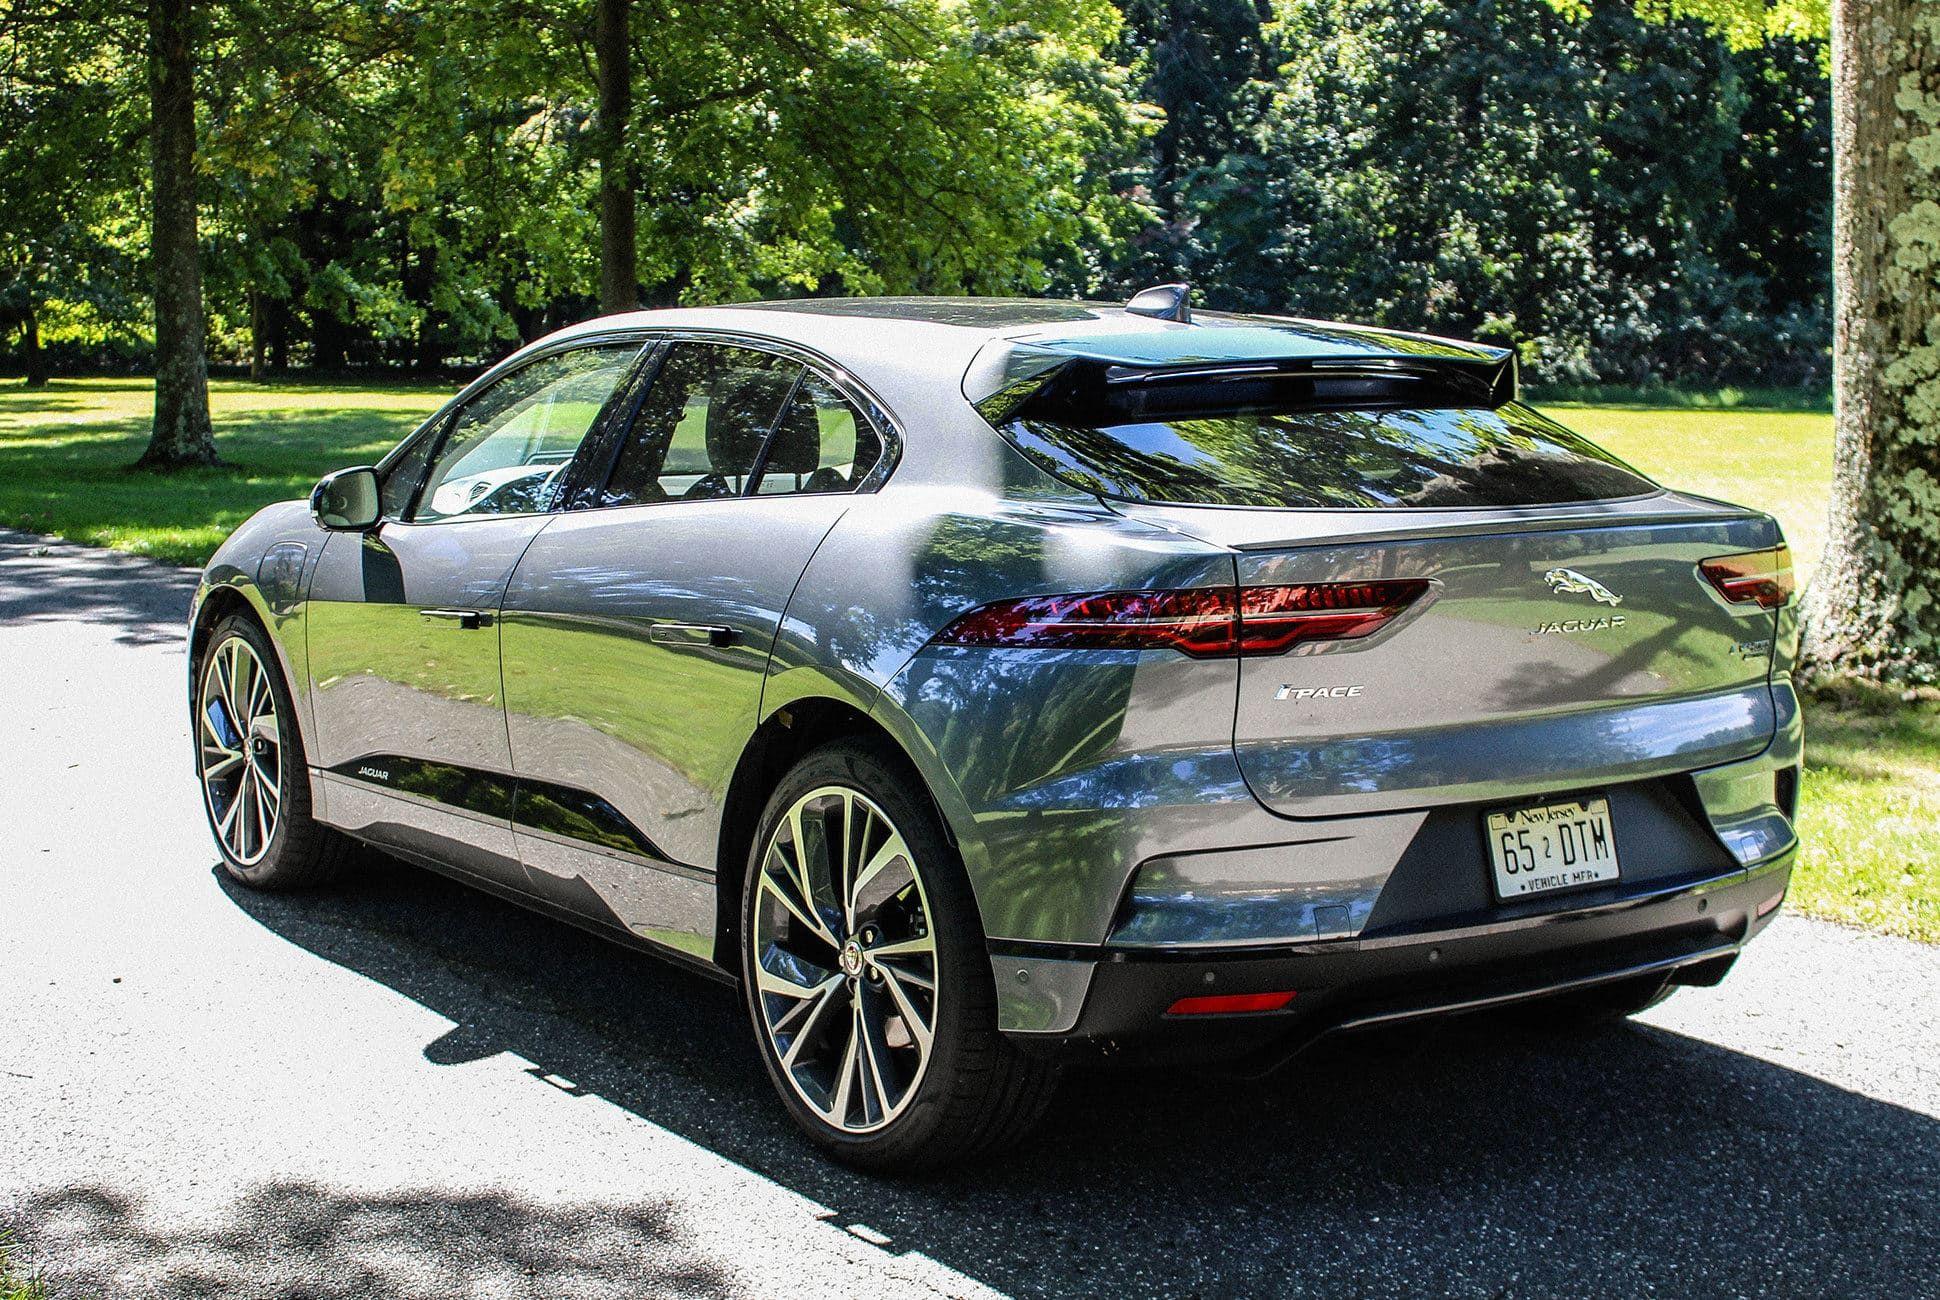 Jaguar-I-Pace-Review-gear-patrol-slide-6